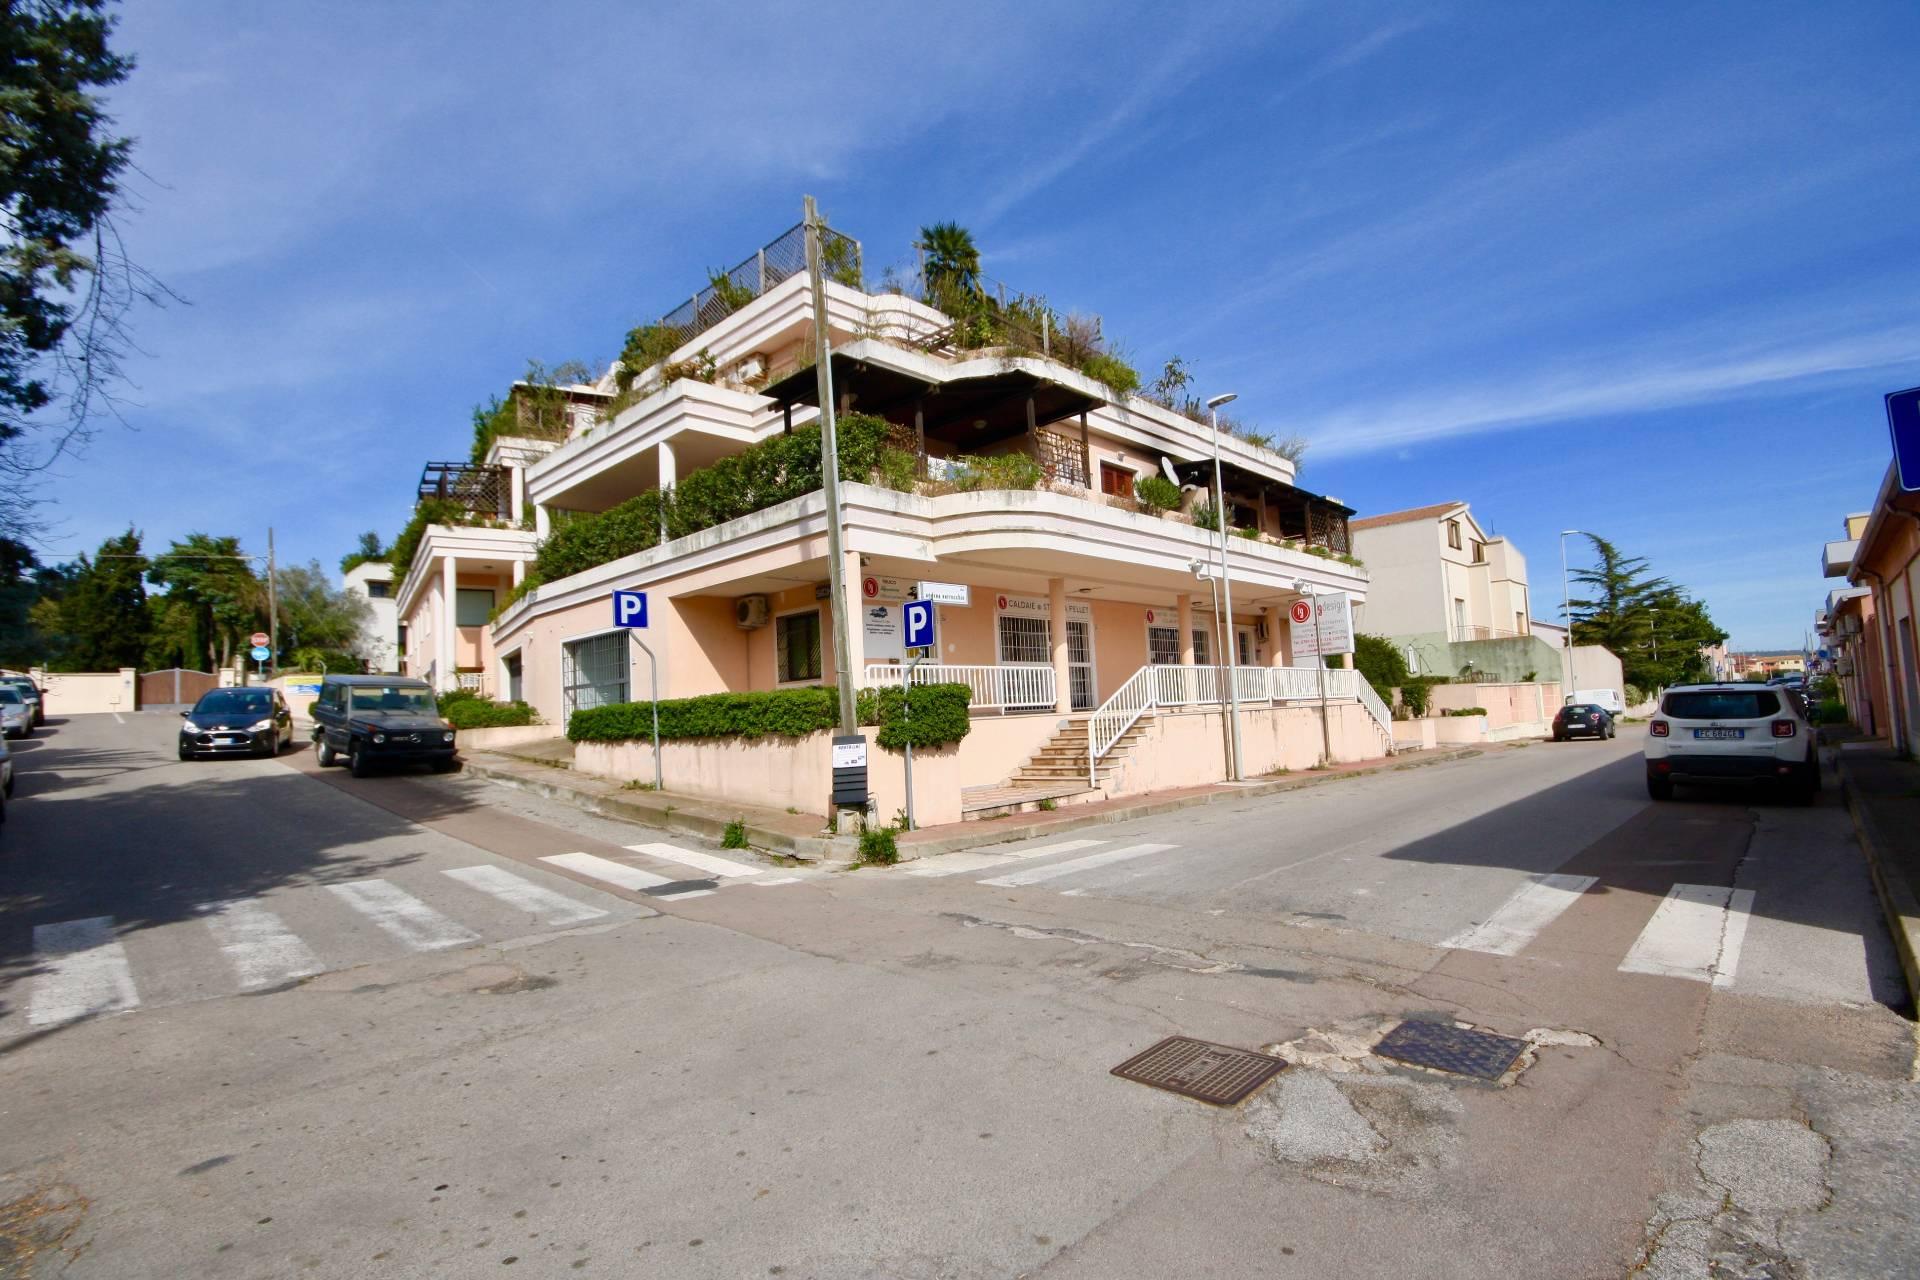 Negozio / Locale in affitto a Olbia - Porto Rotondo, 9999 locali, zona Località: Olbiacittà, prezzo € 2.500 | CambioCasa.it